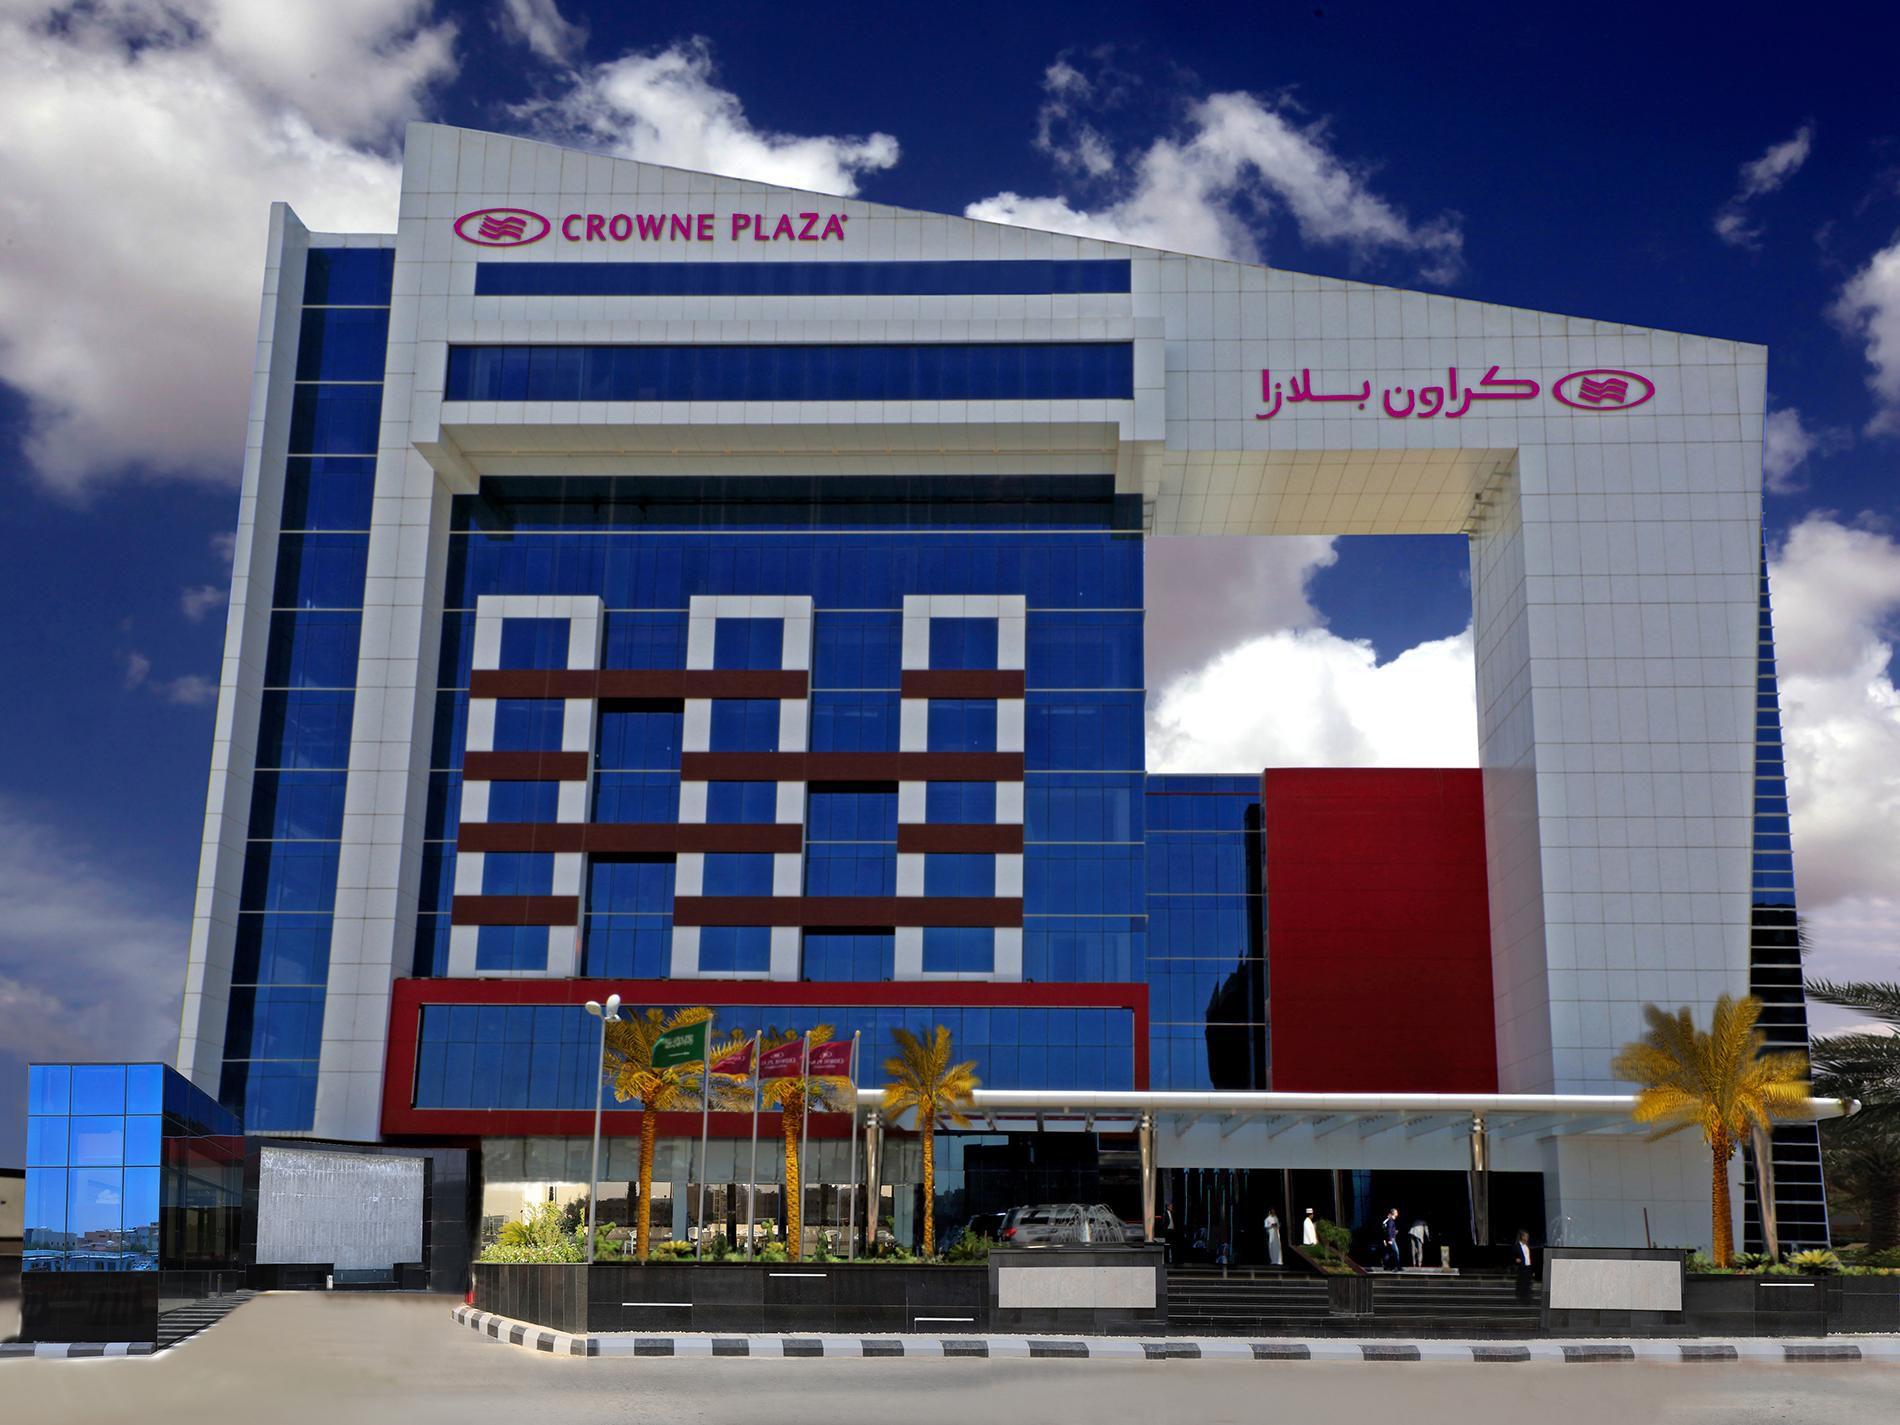 Find Riyadh Hotels | Top 9 Hotels in Riyadh, Saudi Arabia by IHG